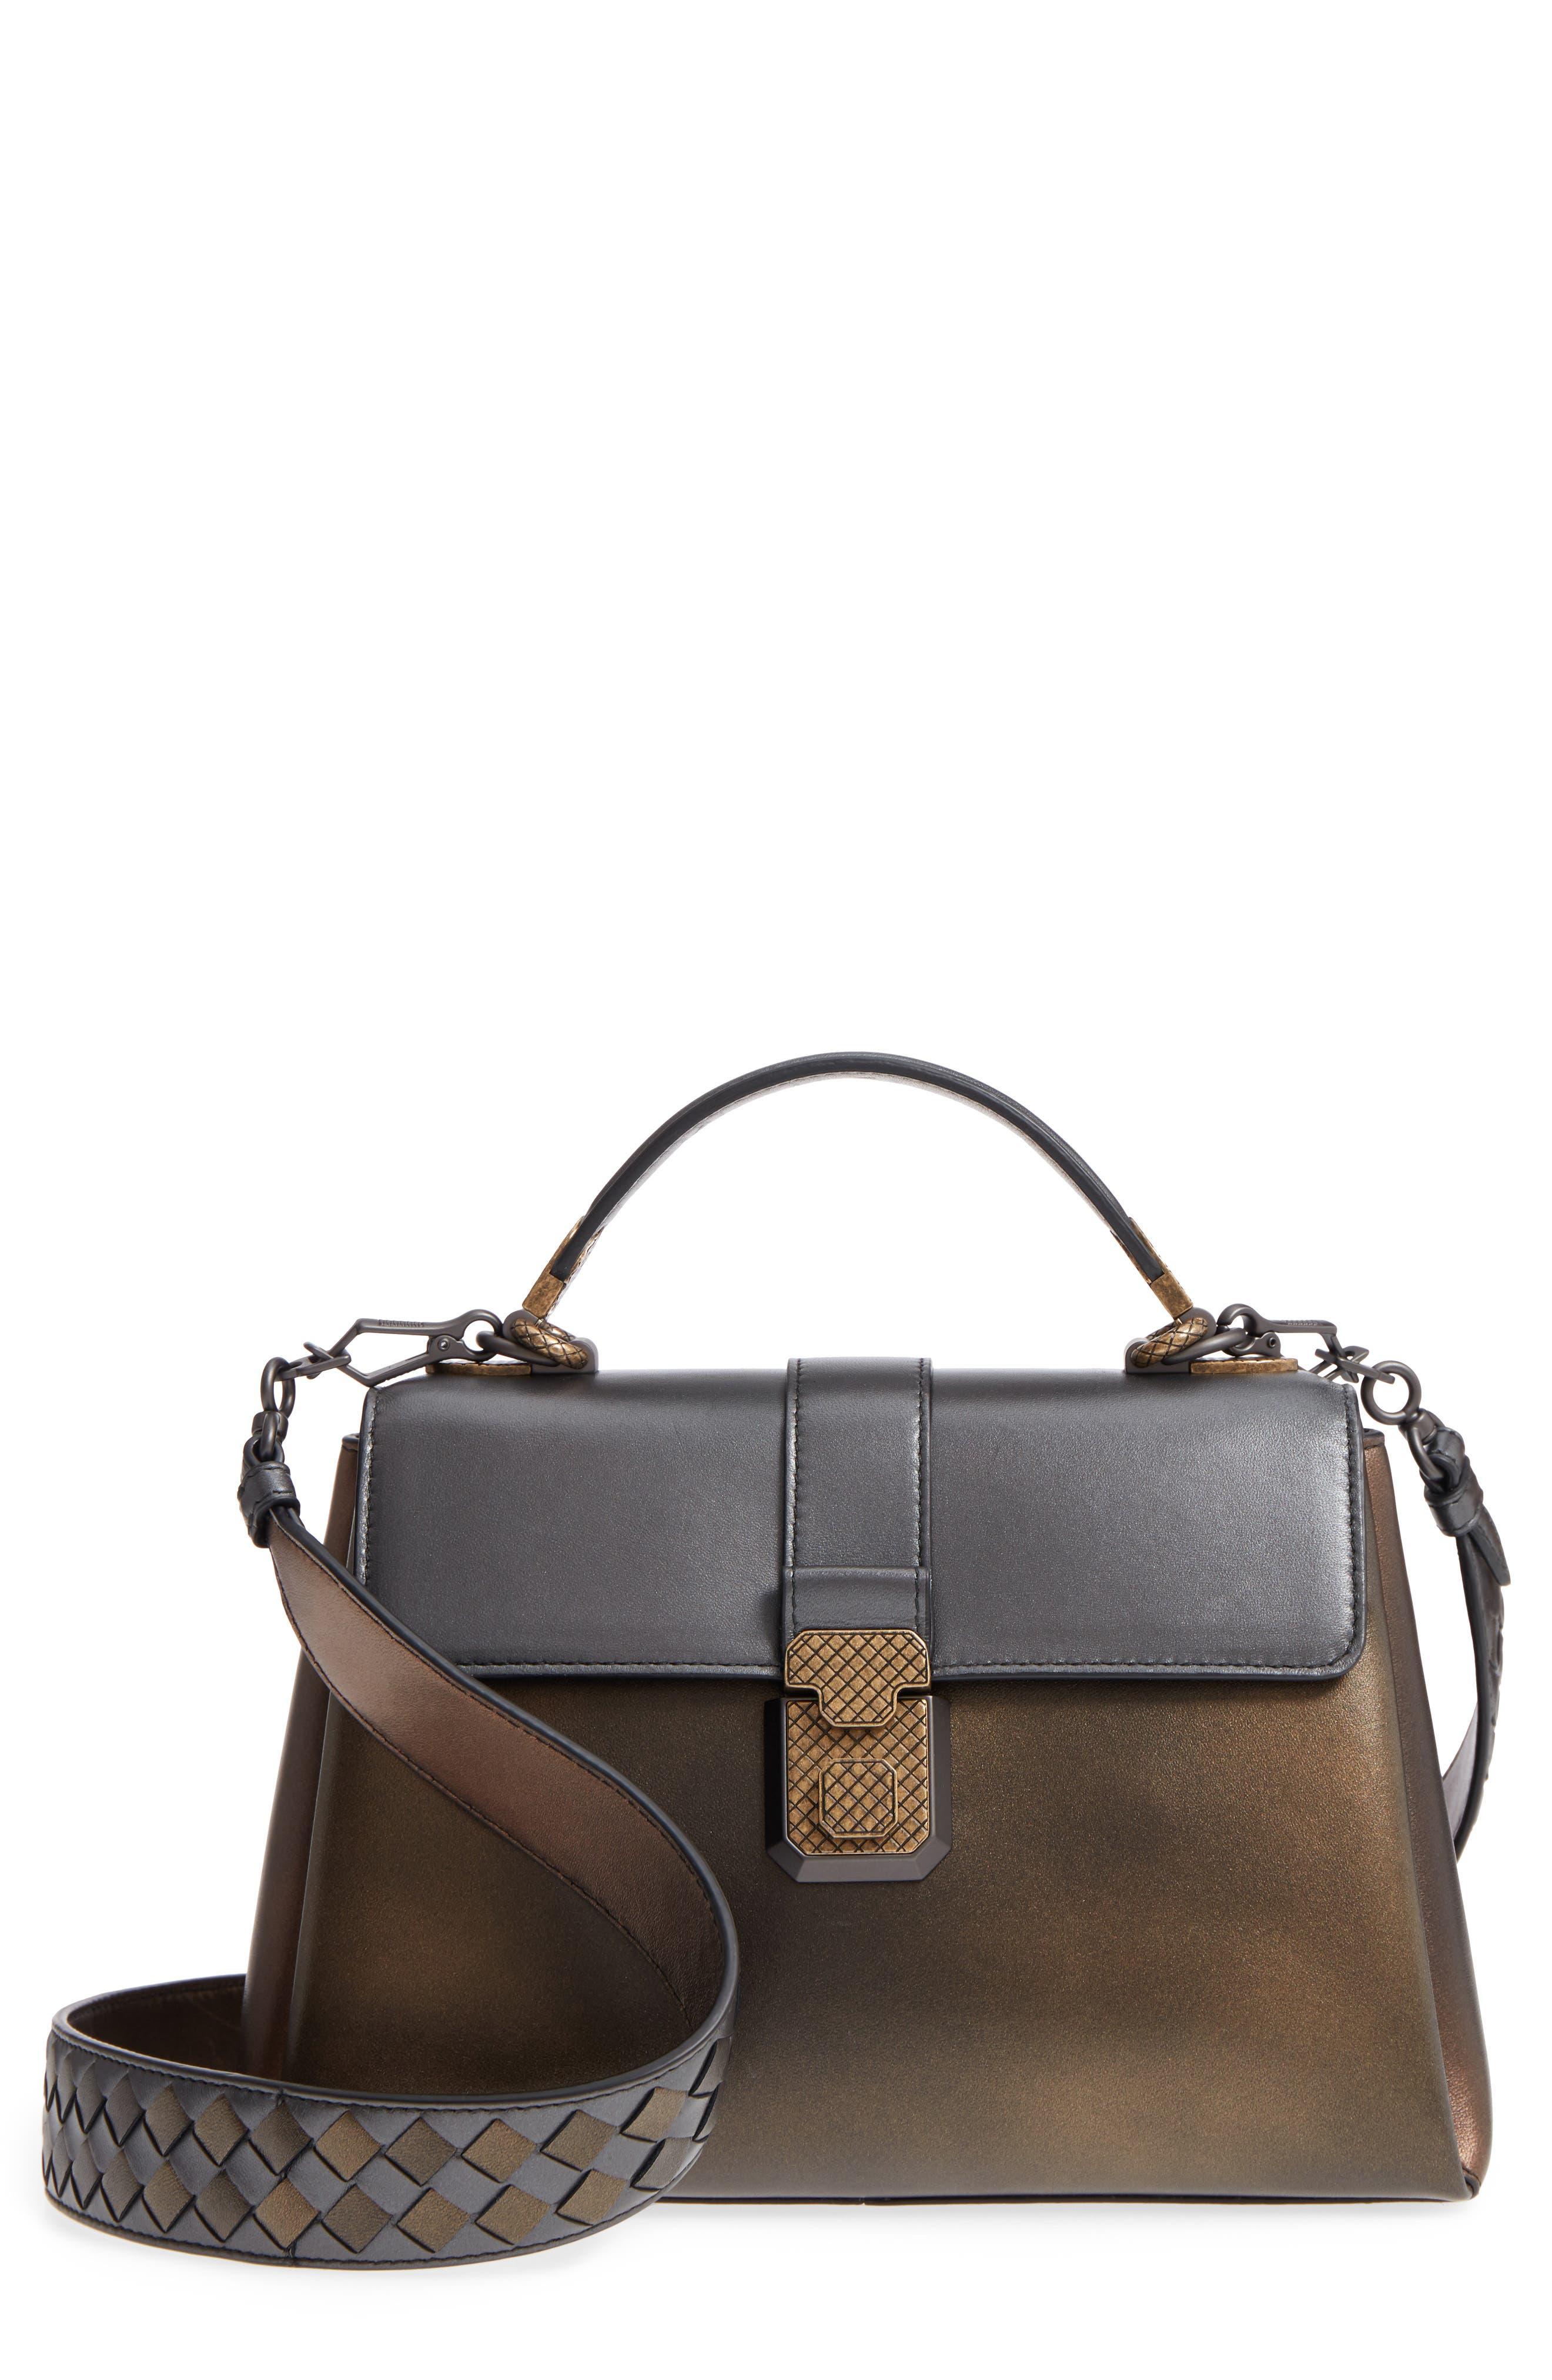 Small Piazza Tricolor Metallic Leather Handbag,                         Main,                         color, DARK GOLD MULTI